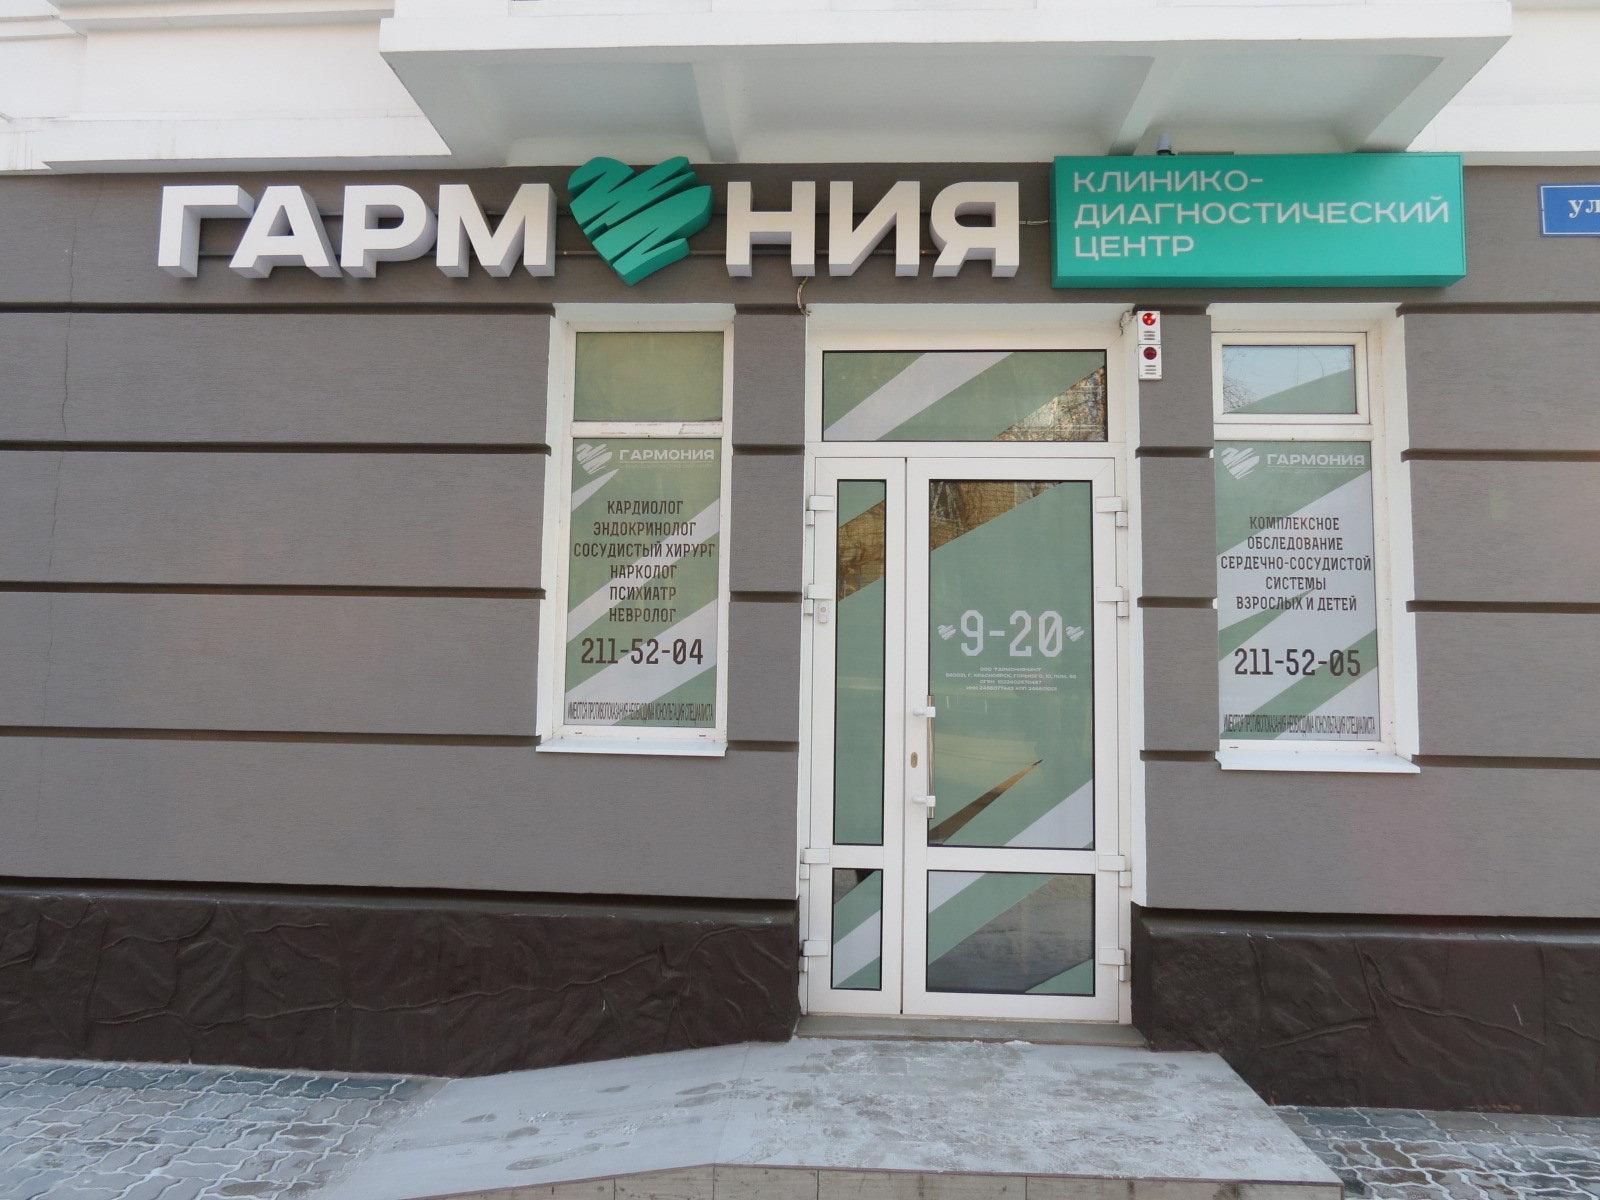 фотография Клинико-диагностического центра Гармония на улице Ленина